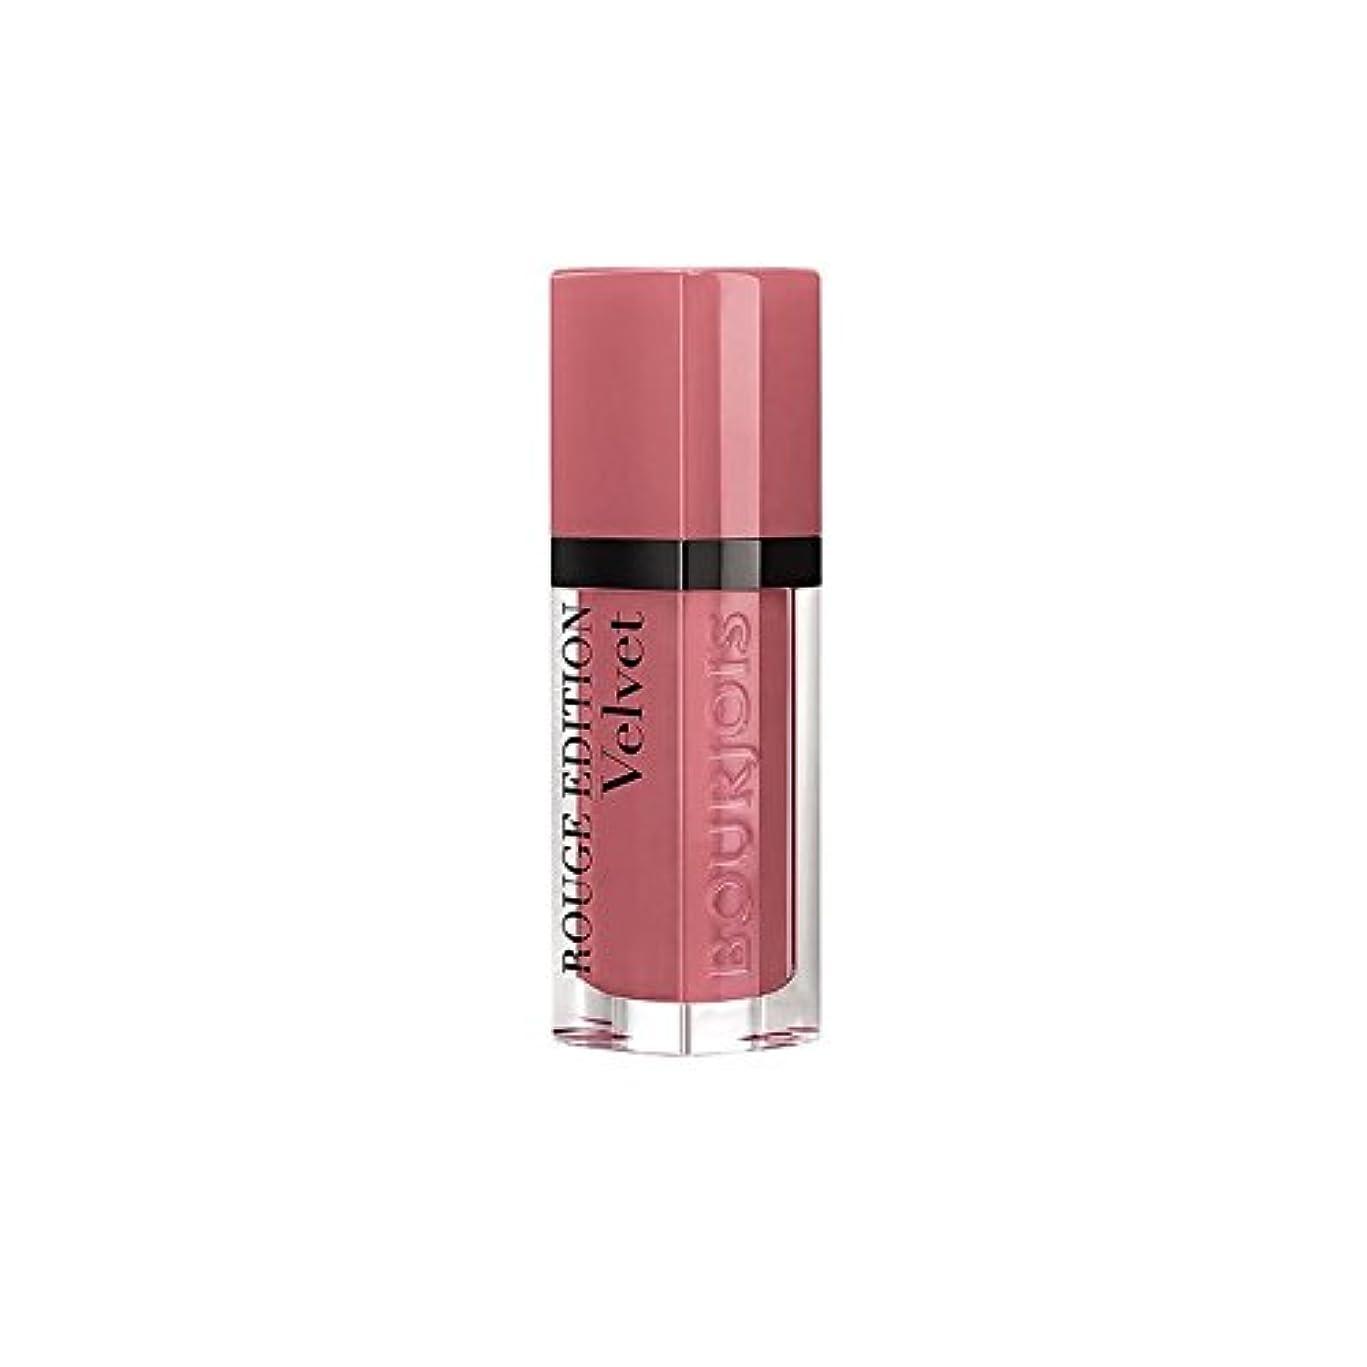 より多い喉頭数字ブルジョワルージュ版のベルベットの口紅幸せなヌード年09 x4 - Bourjois Rouge Edition Velvet lipstick Happy Nude Year 09 (Pack of 4) [並行輸入品]